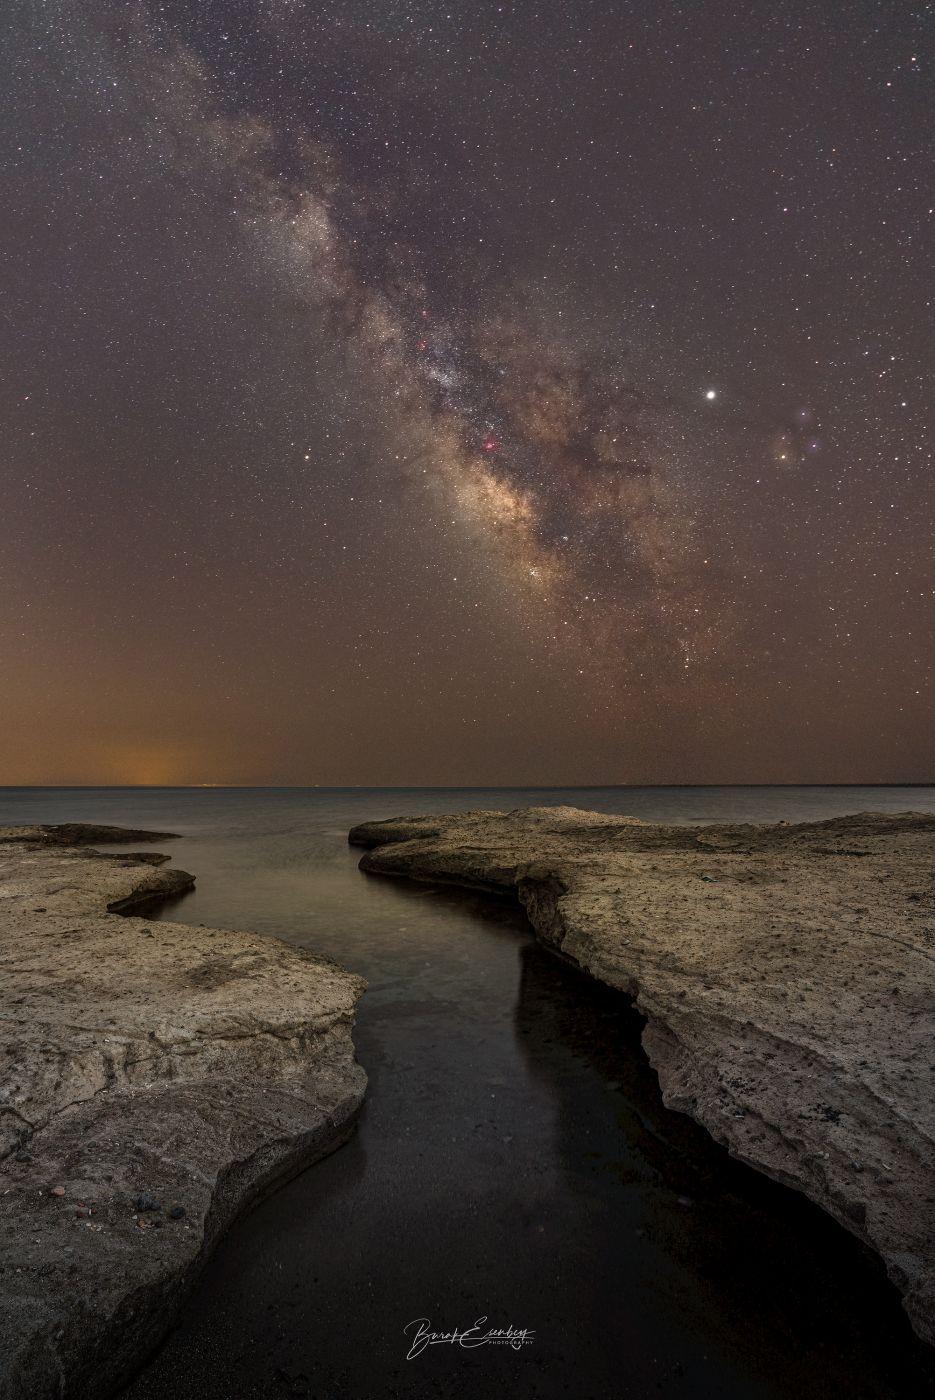 Cesme / Izmir Milky Way, Turkey